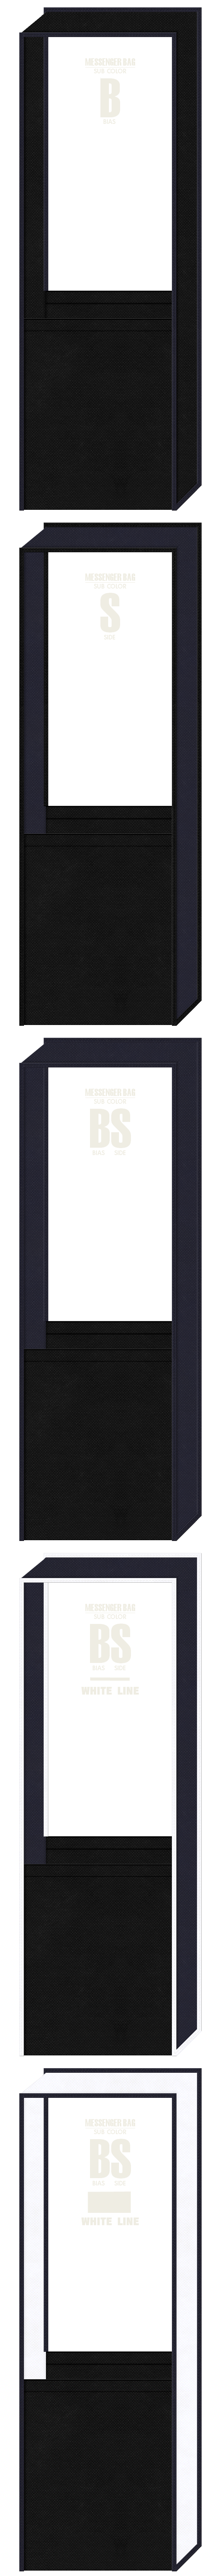 不織布メッセンジャーバッグのカラーシミュレーション(黒色・濃紺色・白色):展示会用バッグ(ホラーゲーム・ミステリーゲーム)、スポーツイベントにお奨めです。